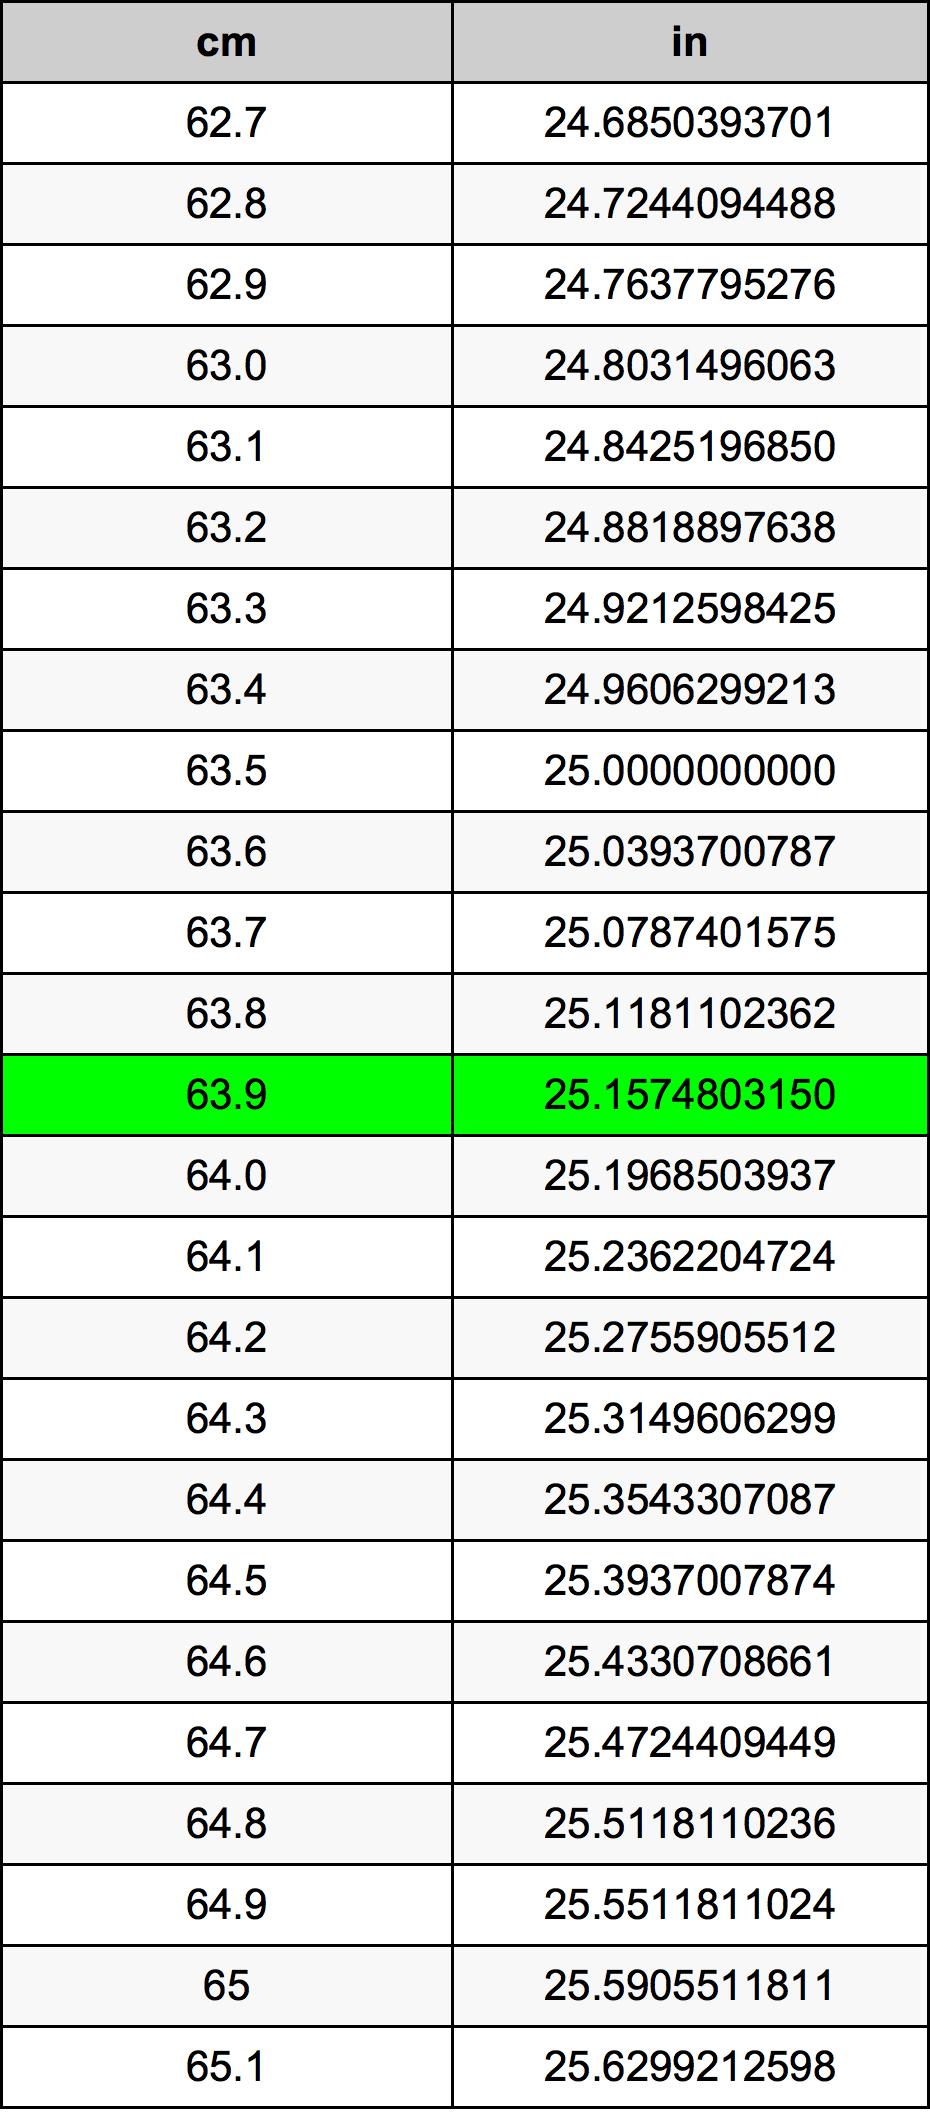 63.9 εκατοστόμετρο Πίνακας Μετατροπής